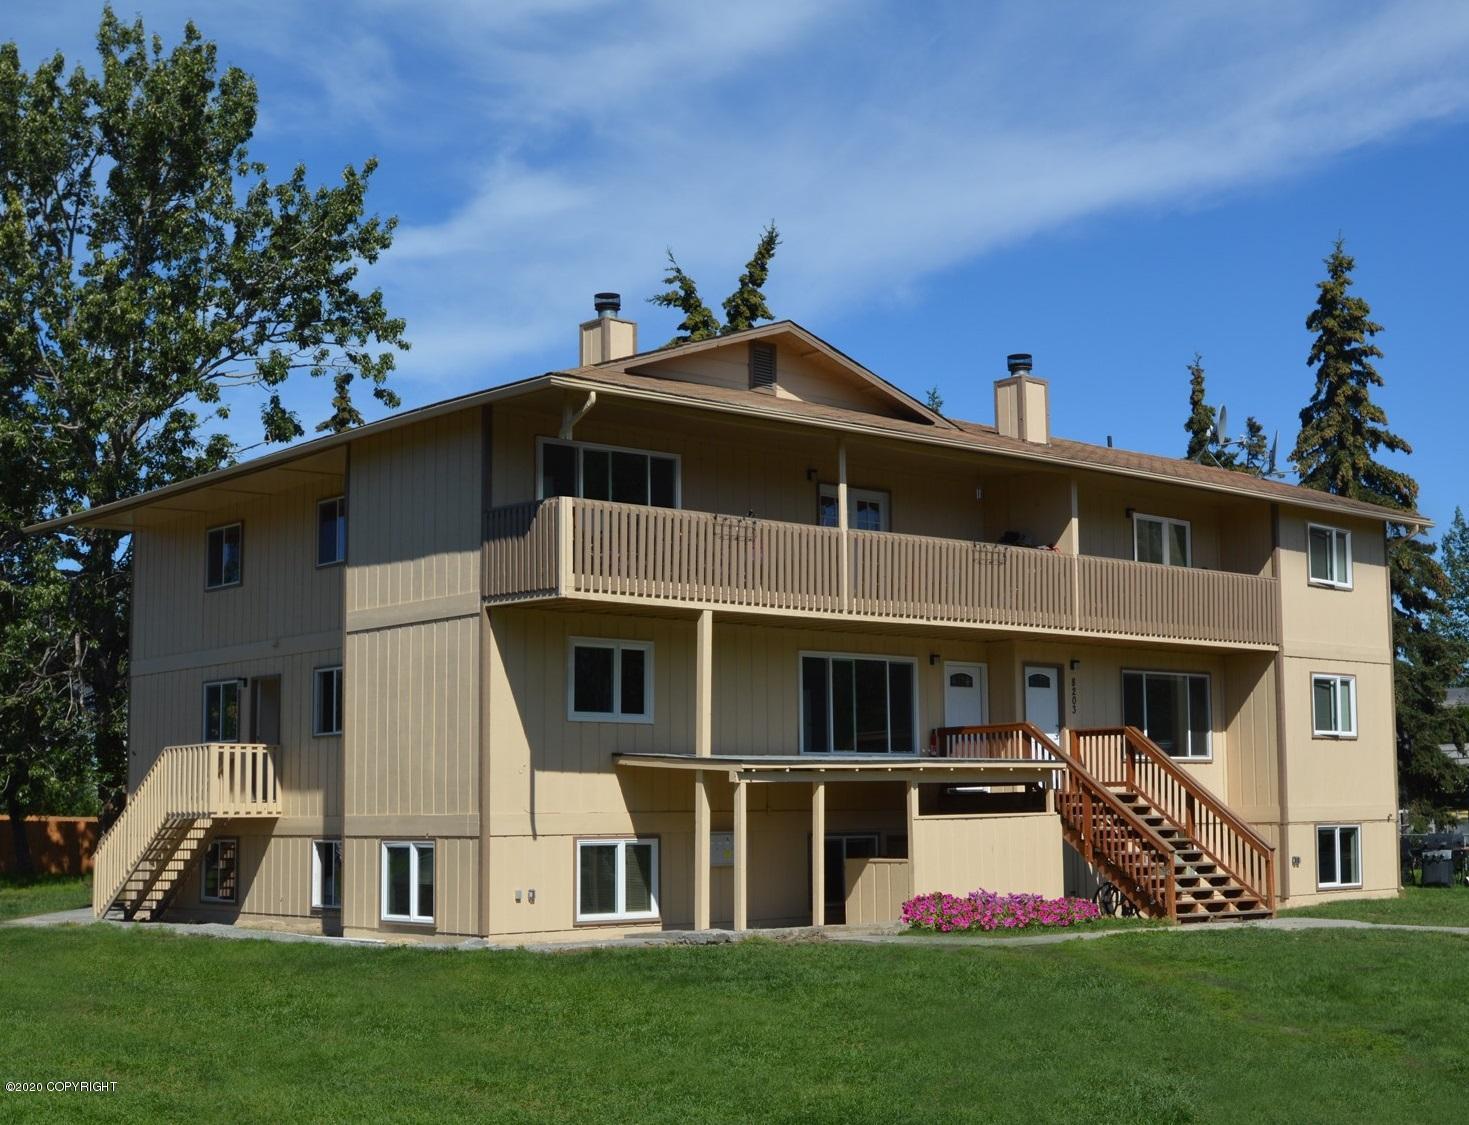 8203 Duben Avenue, Anchorage, AK 99504